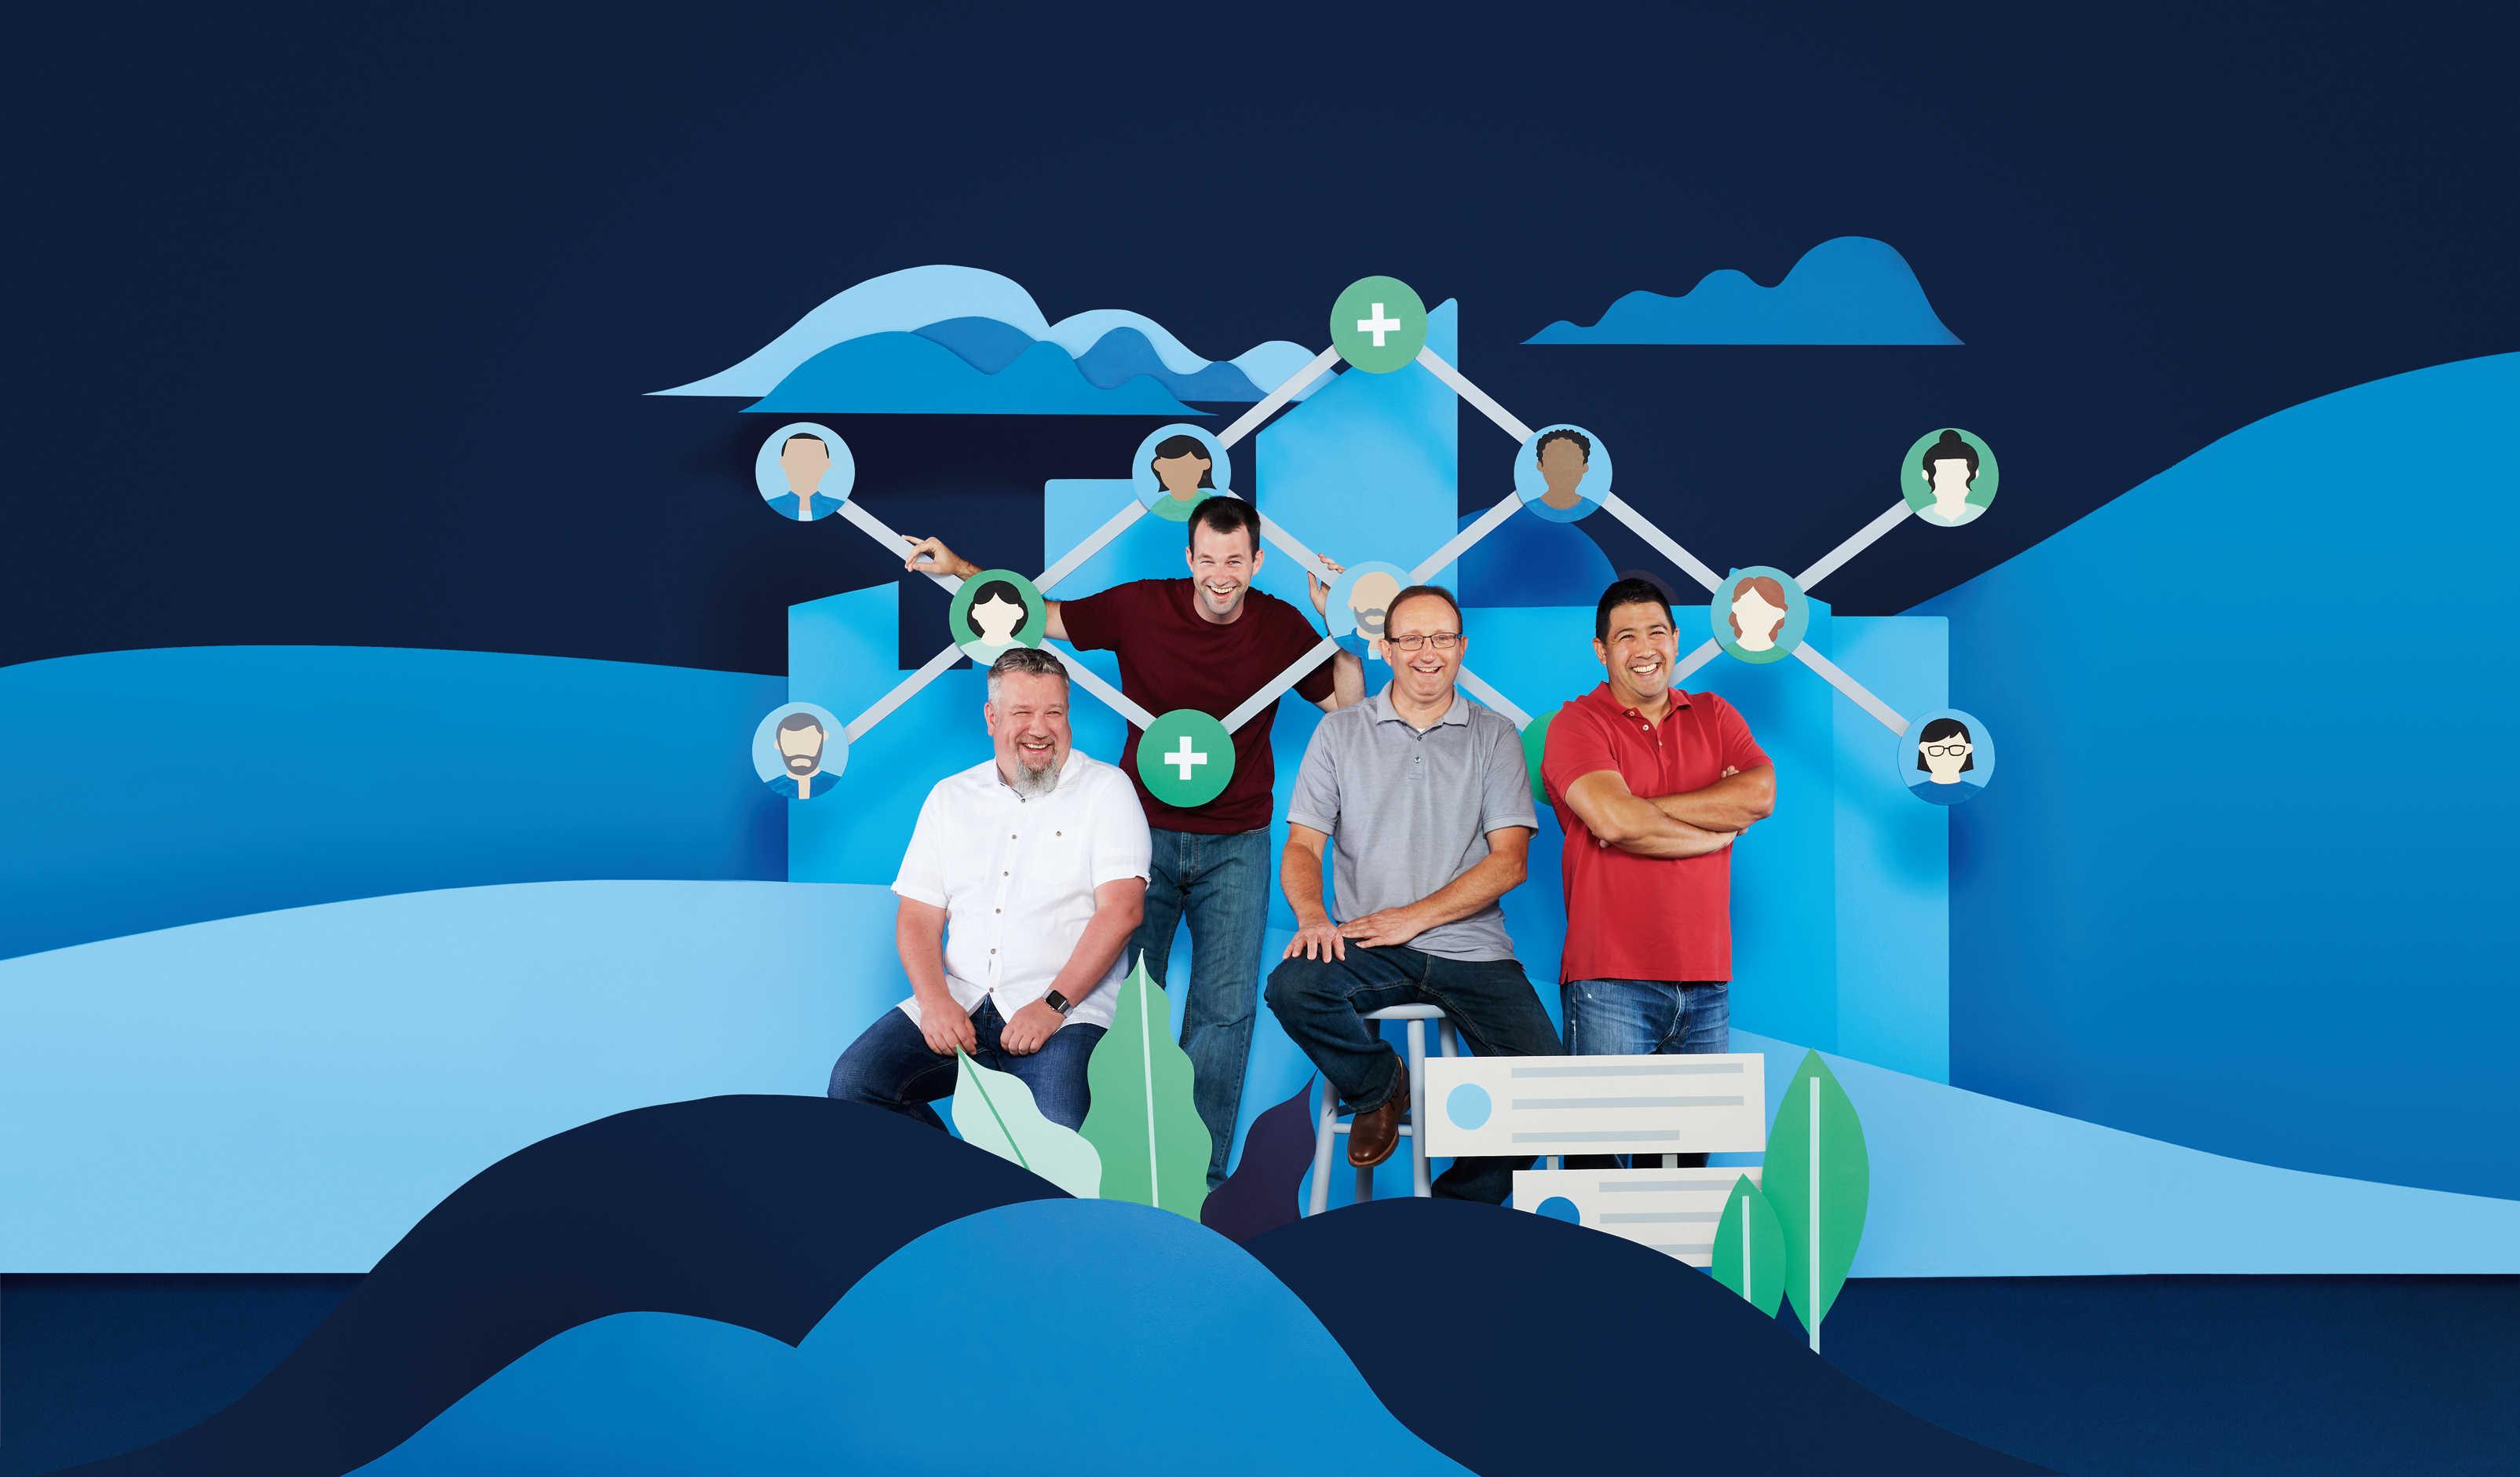 Zobacz, jak LinkedIn wykorzystał produkty firmy Atlassian, aby zdobyć 500 milionów użytkowników